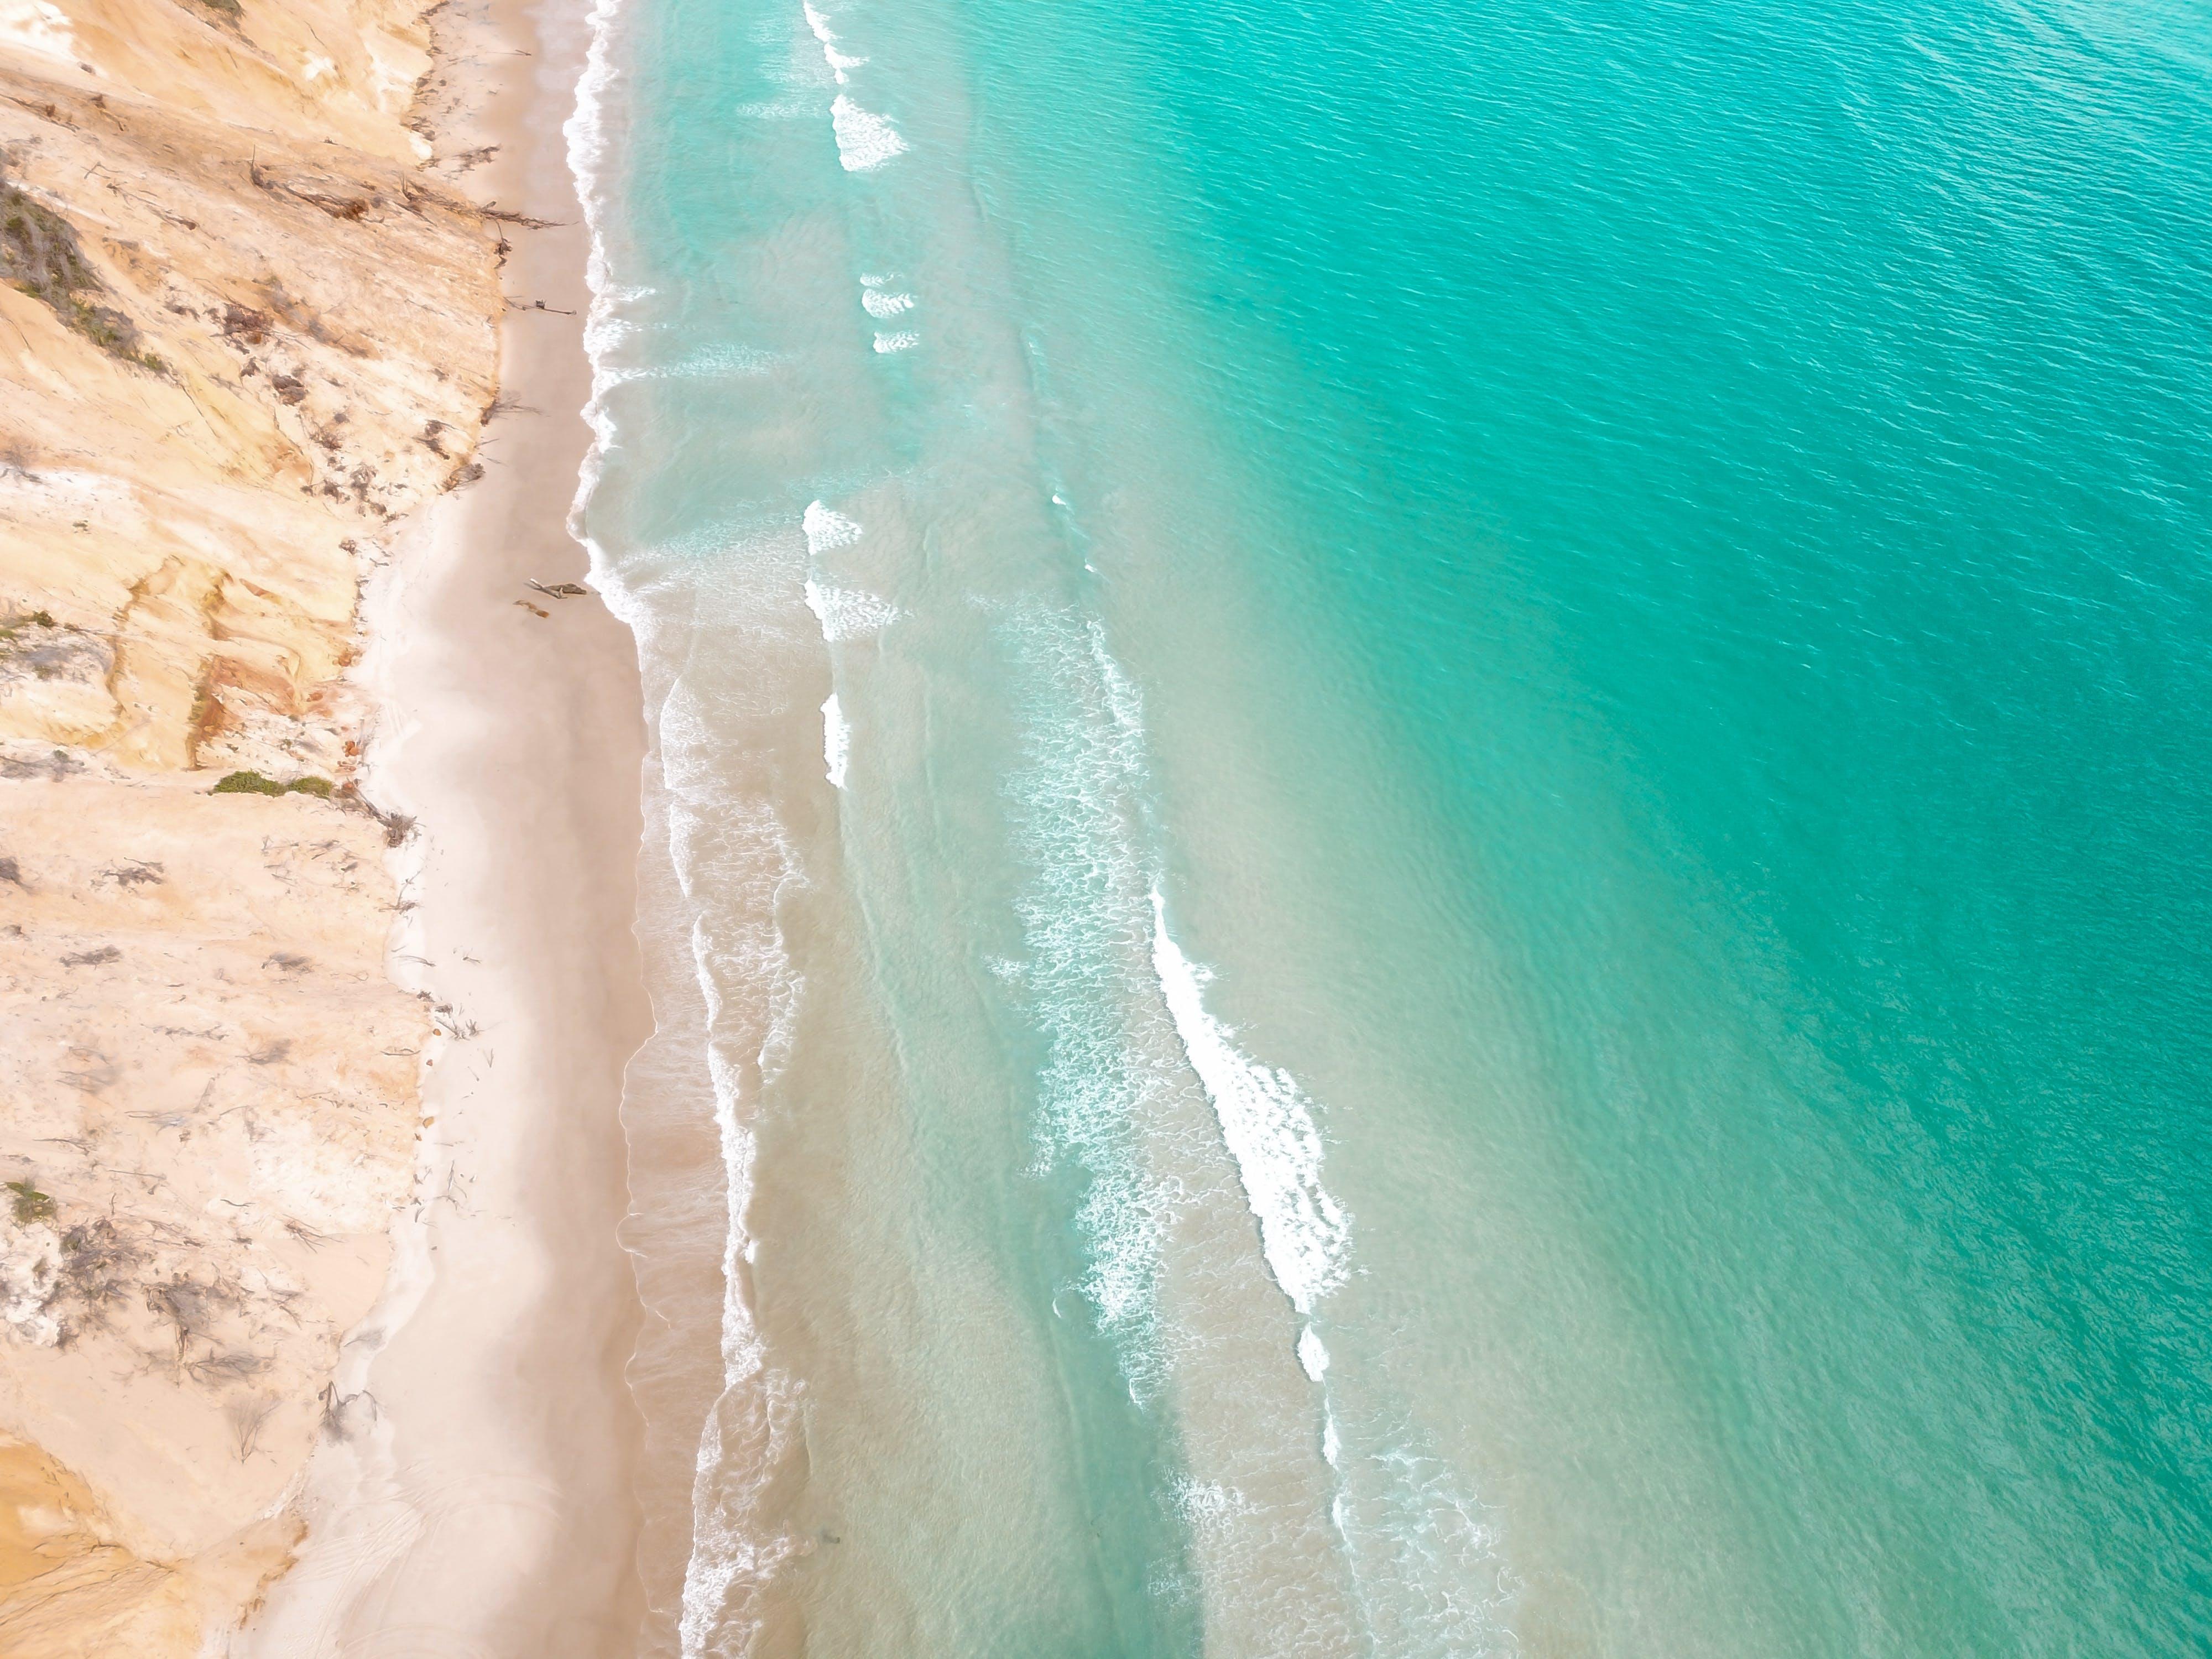 Základová fotografie zdarma na téma cestování, dovolená, dron skamerou, fotka zvysokého úhlu